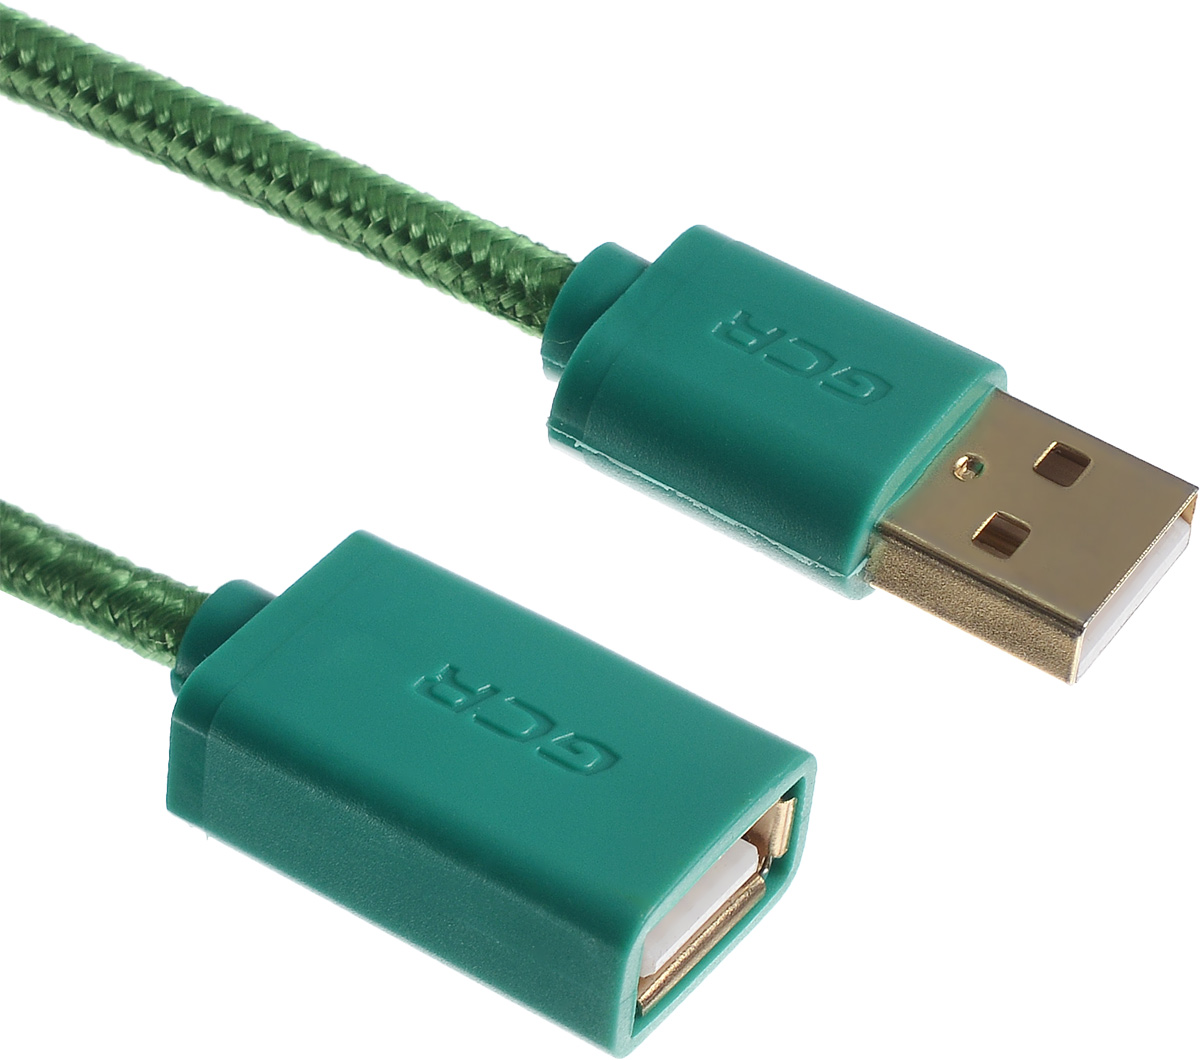 Greenconnect Russia GCR-UEC8M5-BB2SG, Green удлинитель USB 2.0 (0,3 м)GCR-UEC8M5-BB2SG-0.3mКабель-удлинитель USB 2.0 Greenconnect Russia GCR-UEC8M5-BB2SG позволит увеличить расстояние до подключаемого устройства. Может быть использован с различными USB девайсами. Экранирование кабеля защищает сигнал при передаче от влияния внешних полей, способных создать помехи.